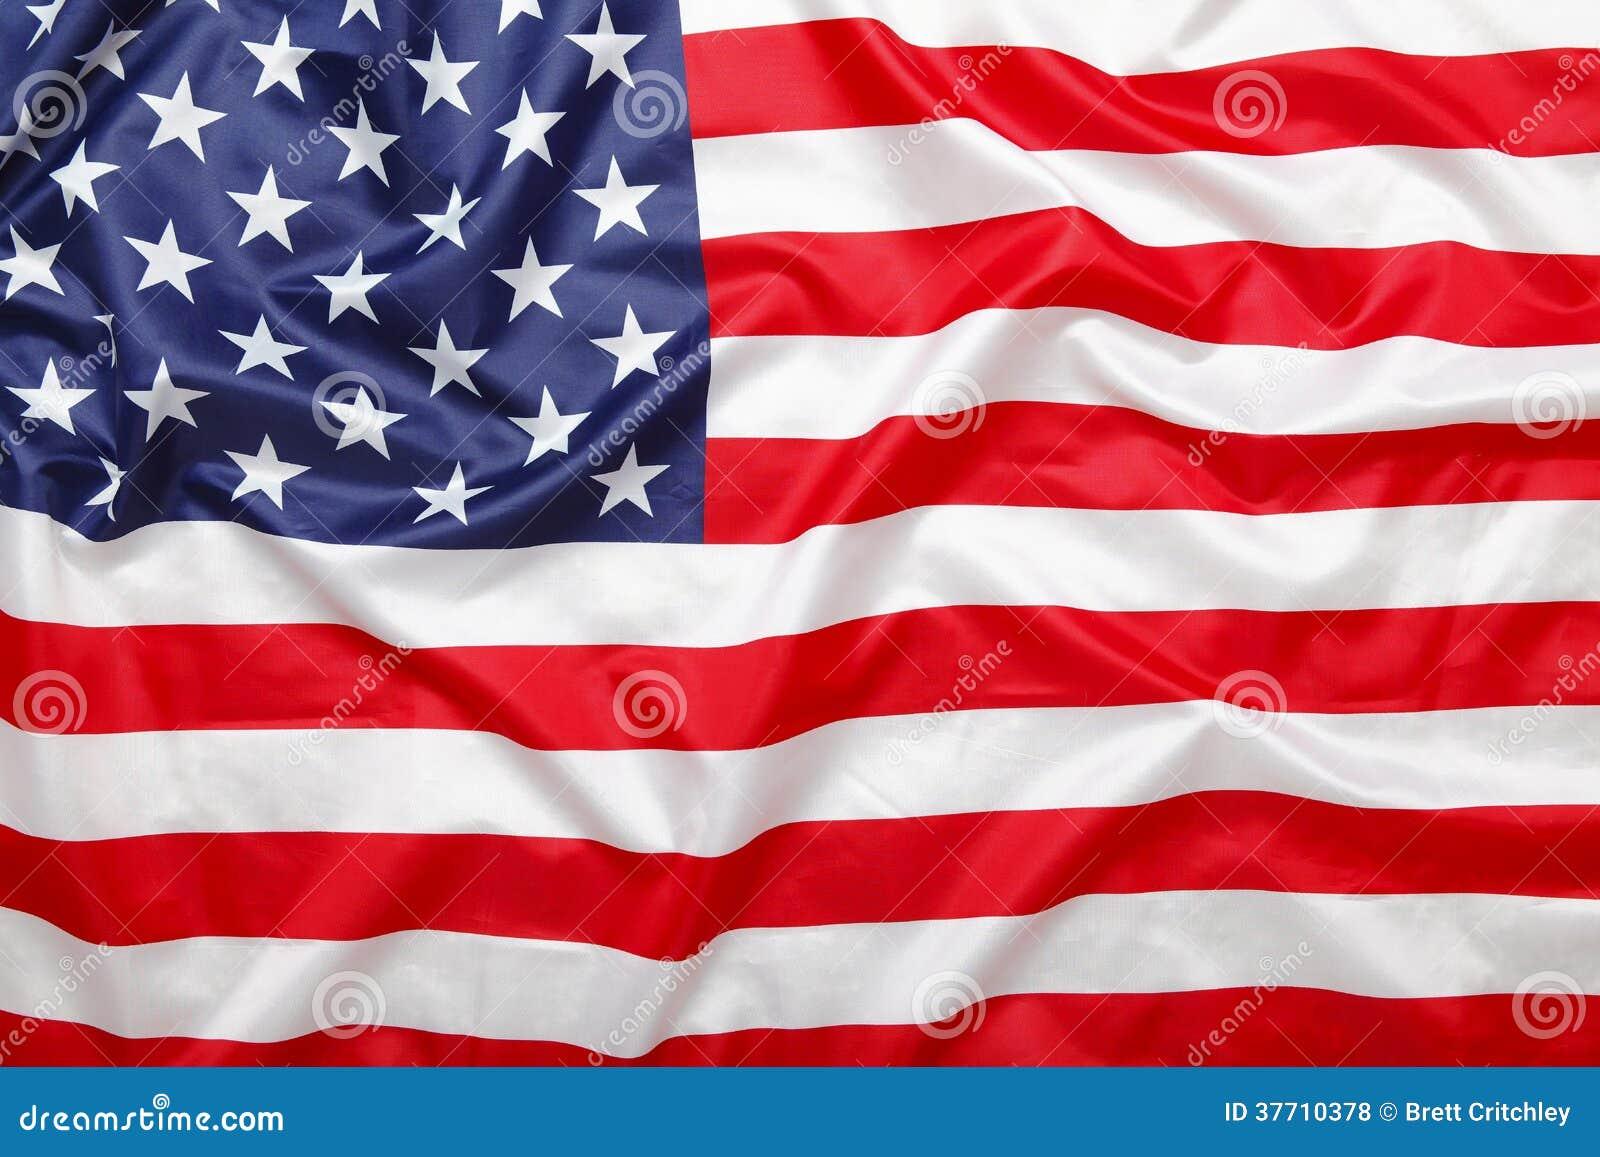 Fondo americano de la bandera de las barras y estrellas